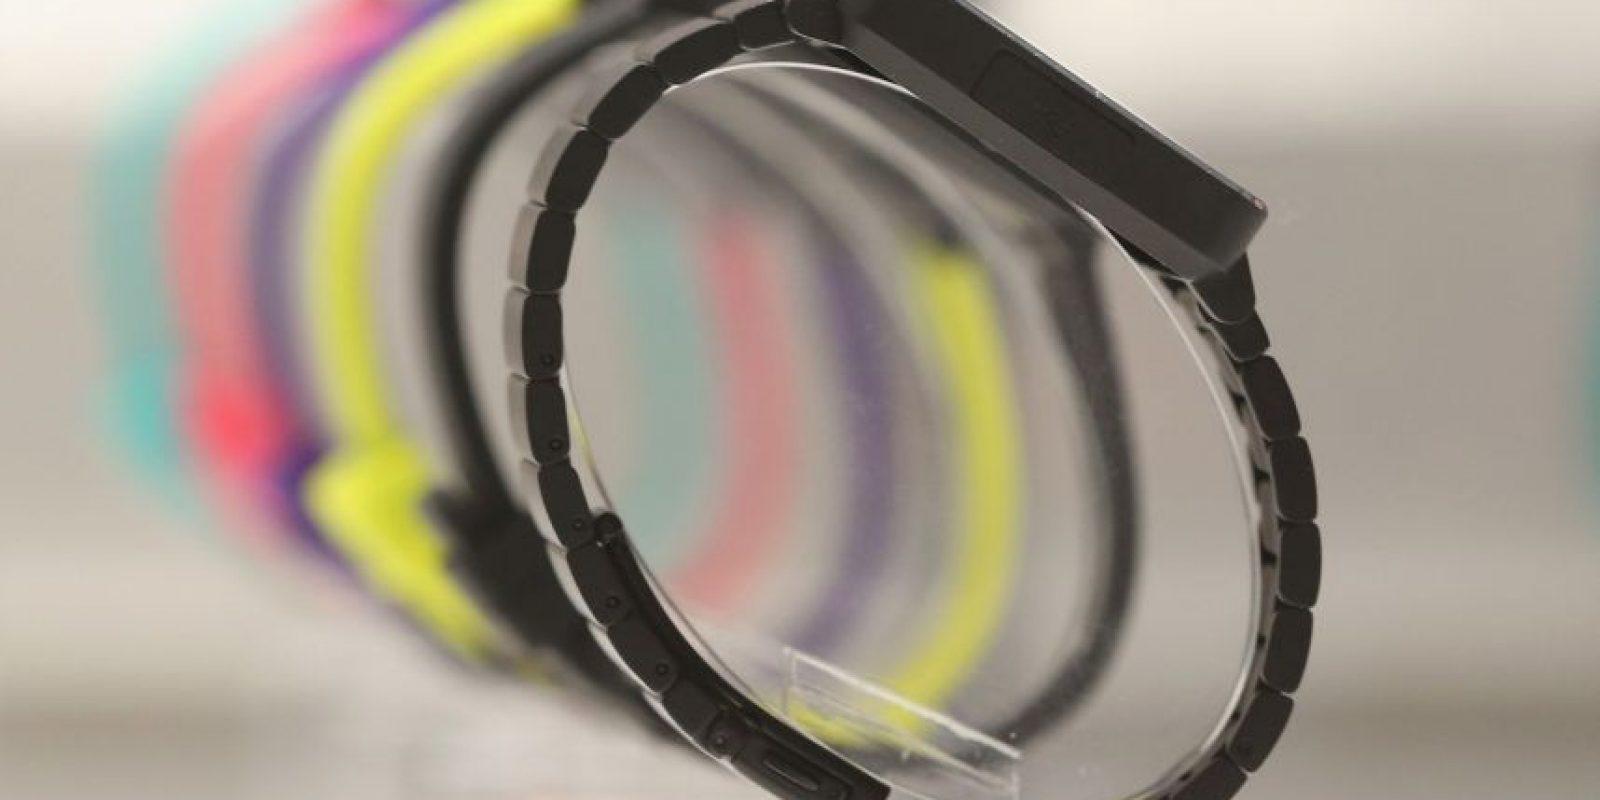 Hasta dos relojes al mismo tiempo: los compradores podrán gozar de dos diseños a la vez, esto con la finalidad de prevenir el robo. Foto:Getty